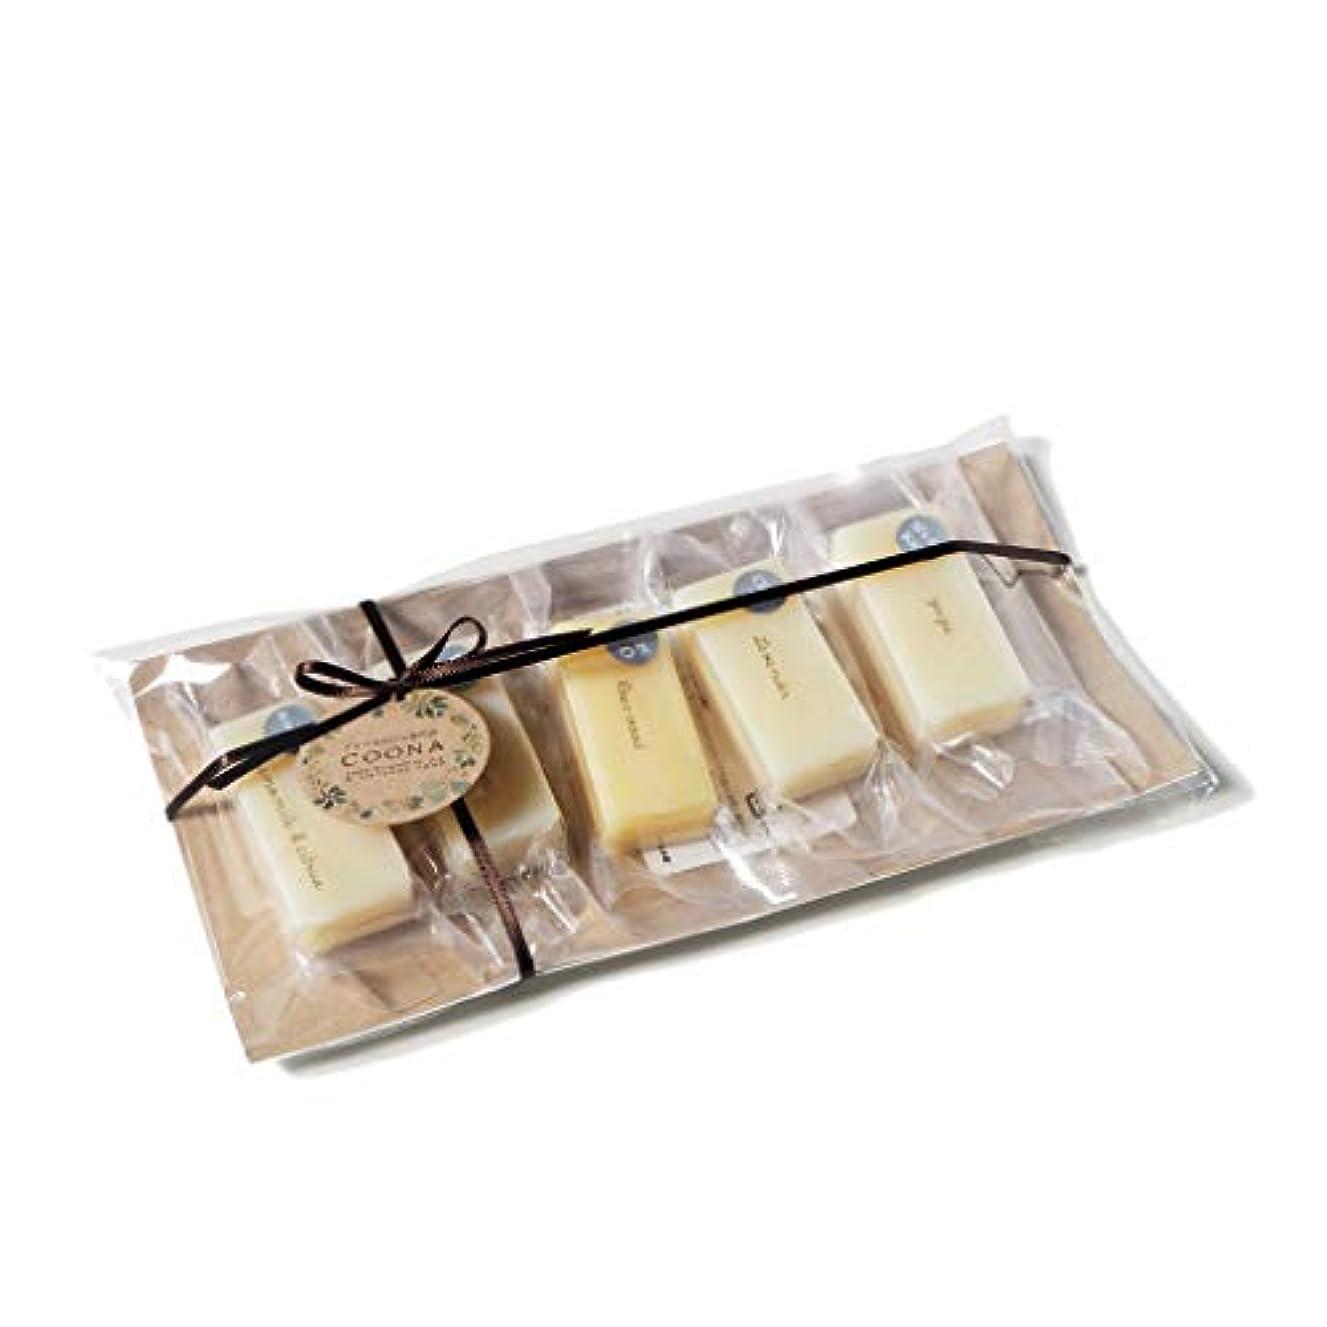 リングバック上院耕す洗顔石鹸 COONA お試しサイズ石けん5セレクションパック (天然素材 自然派 コールドプロセス 手作り せっけん) 20g×5個セット